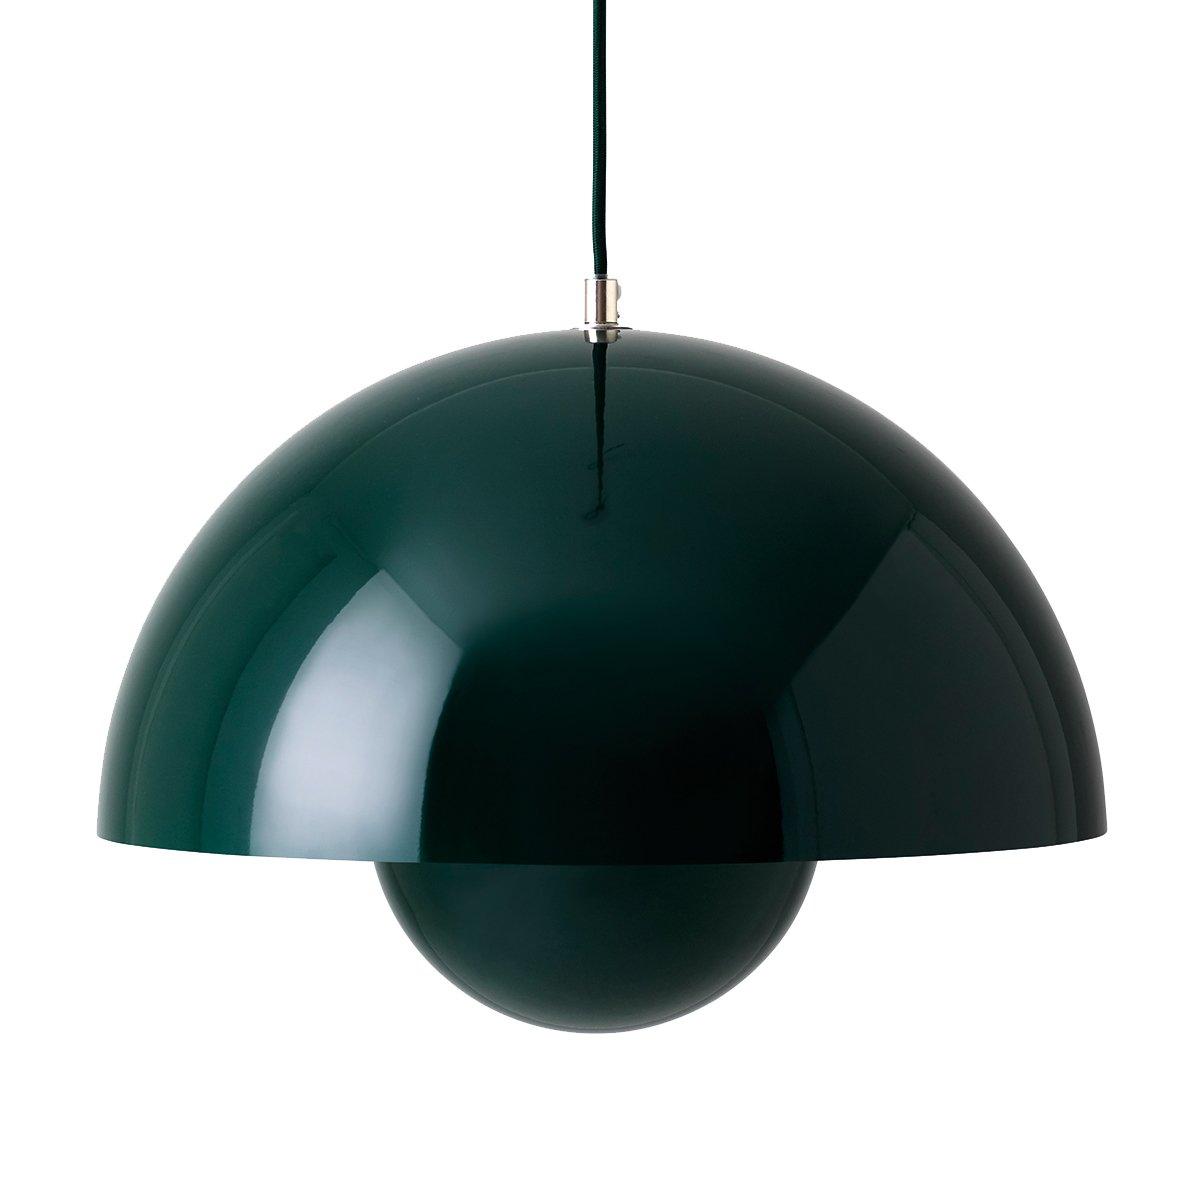 &Tradition Flowerpot VP7 Hanglamp - Donkergroen